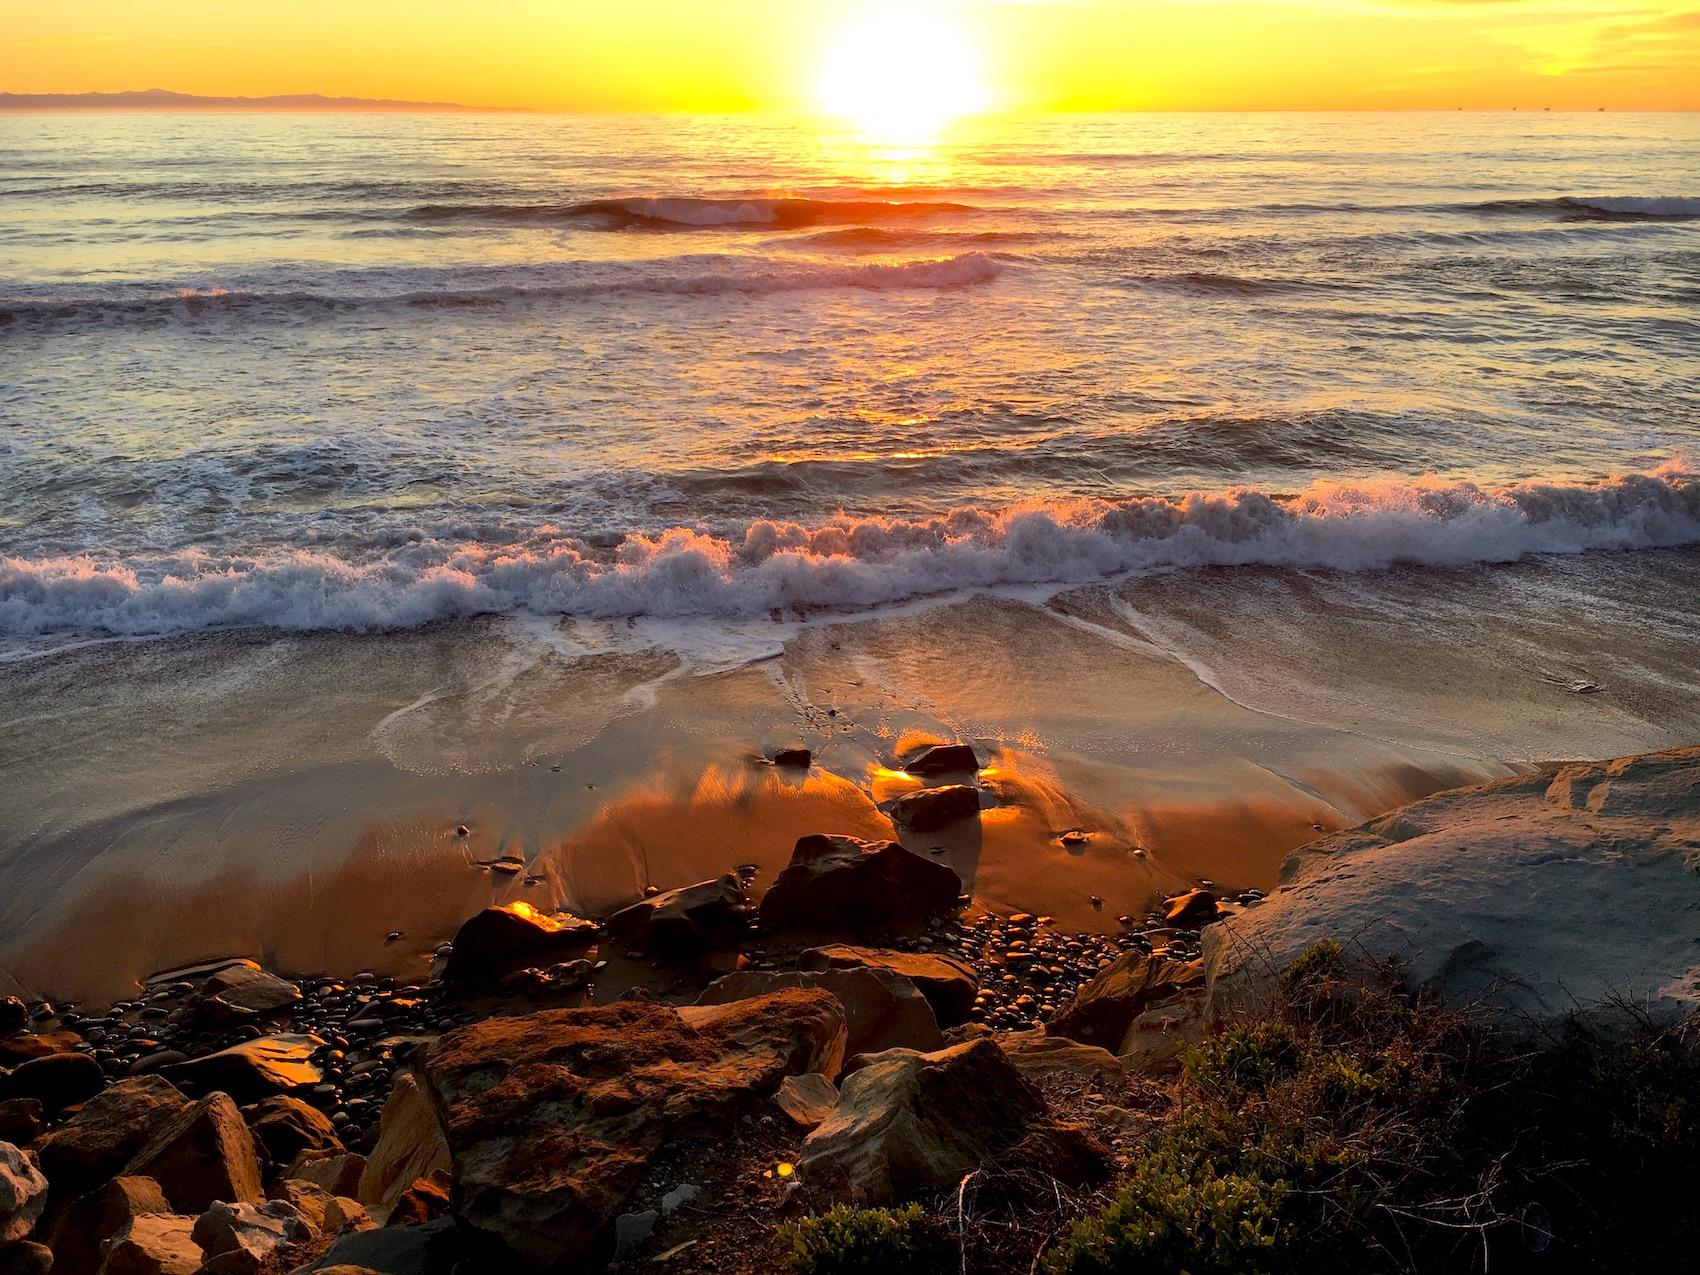 Highway 1, Roadtrip, Sunset, beach, Ocean